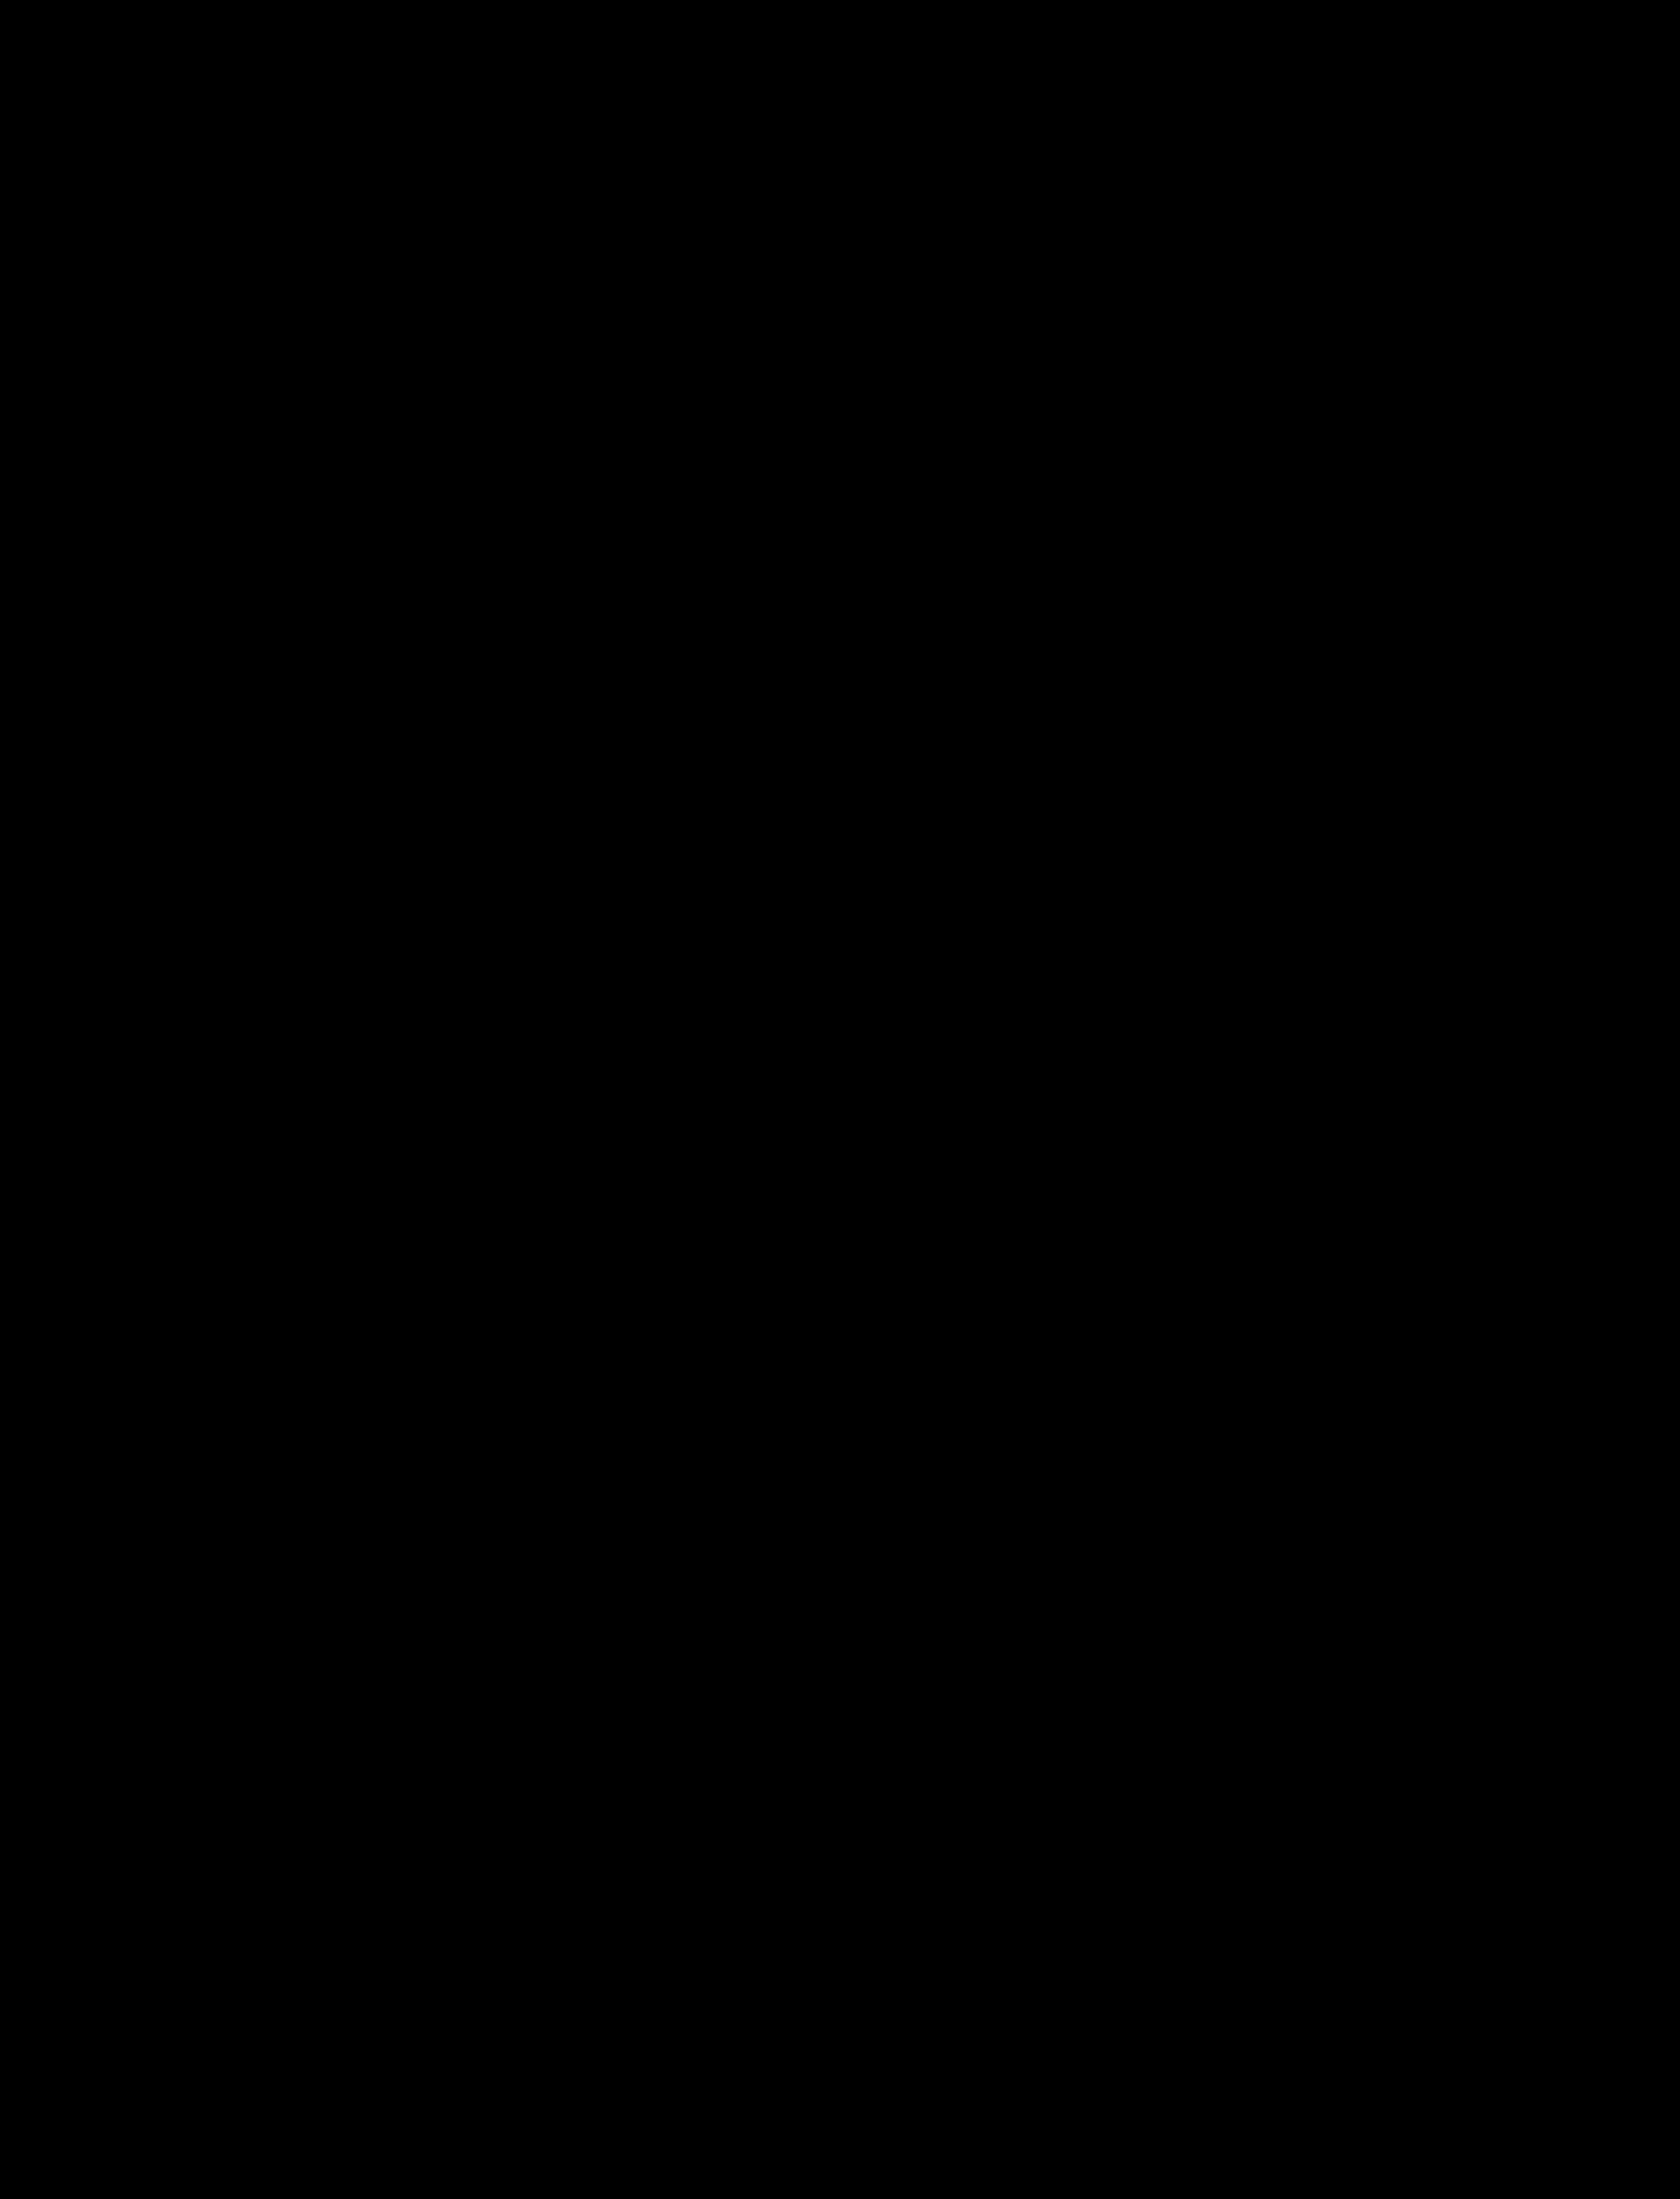 kart over sverige og danmark Fil:Kart over jernbaner i Norge, Sverige og Danmark (1897).  kart over sverige og danmark